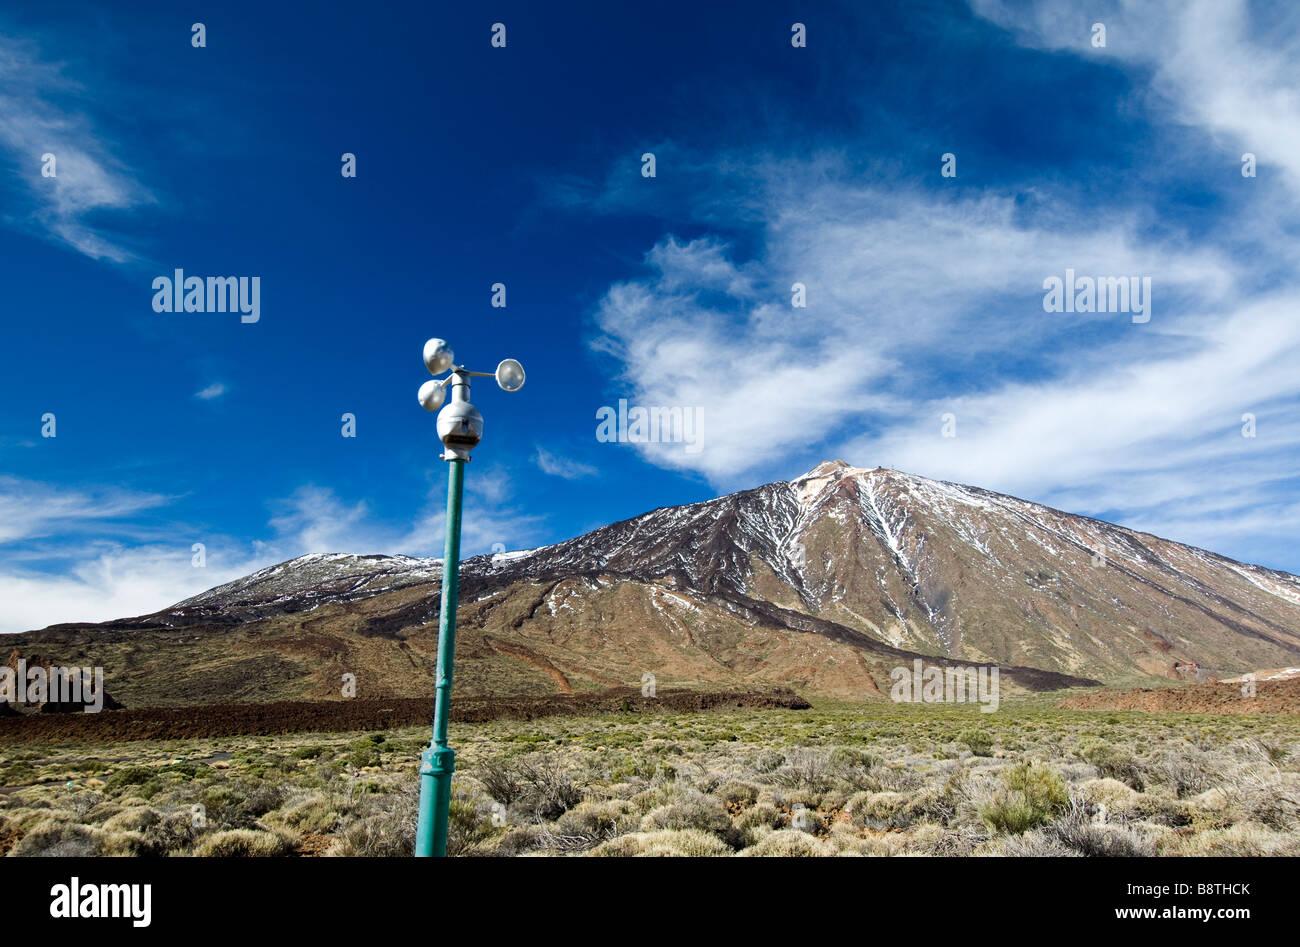 Klima und Wind-Sensor-Anemometer überwacht Wetter im Teide-Nationalpark, den Teide, Teneriffa, Kanarische Inseln Stockbild